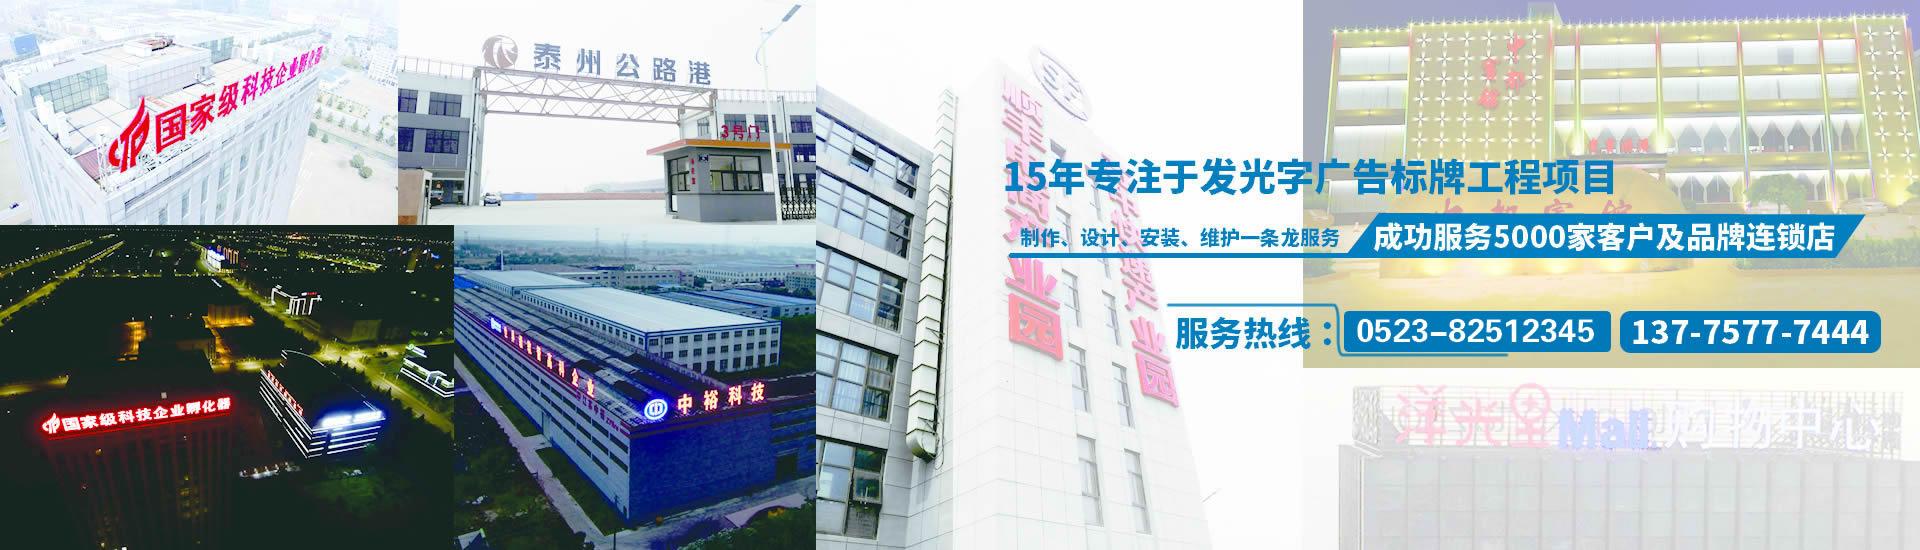 led楼顶广告发光字,制作公司,提供测量/设计/安装/维护一站式解决方案